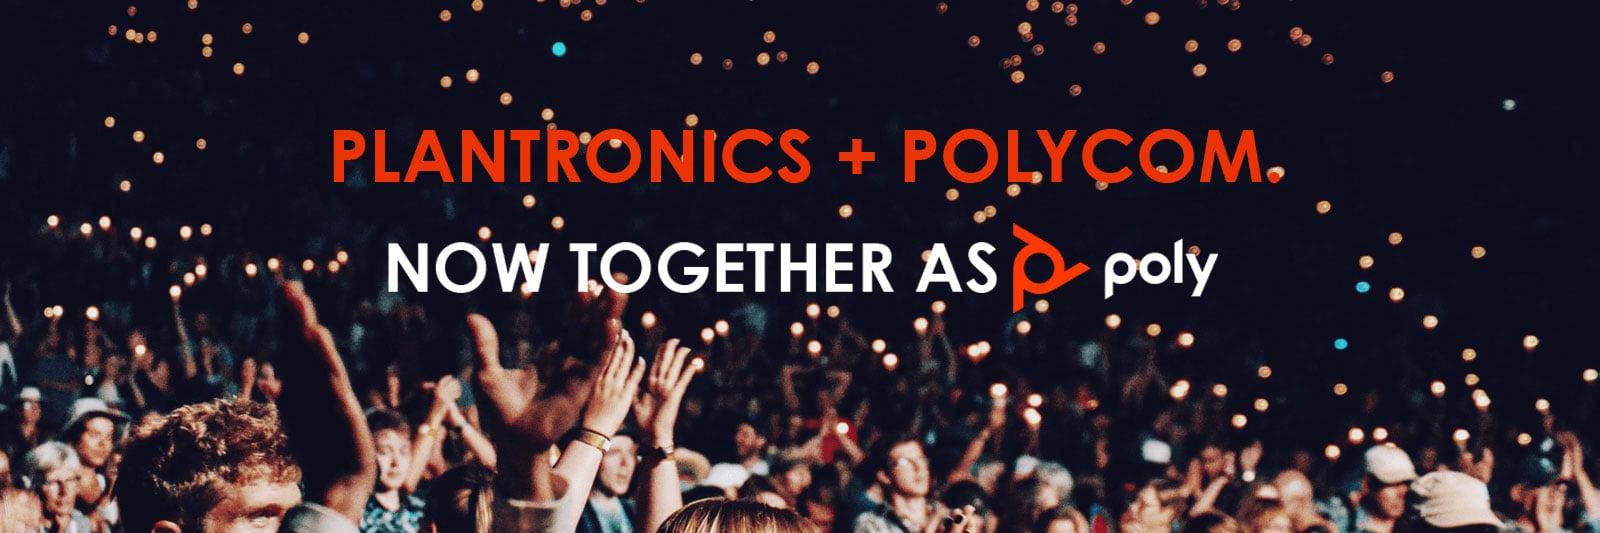 polycom-header